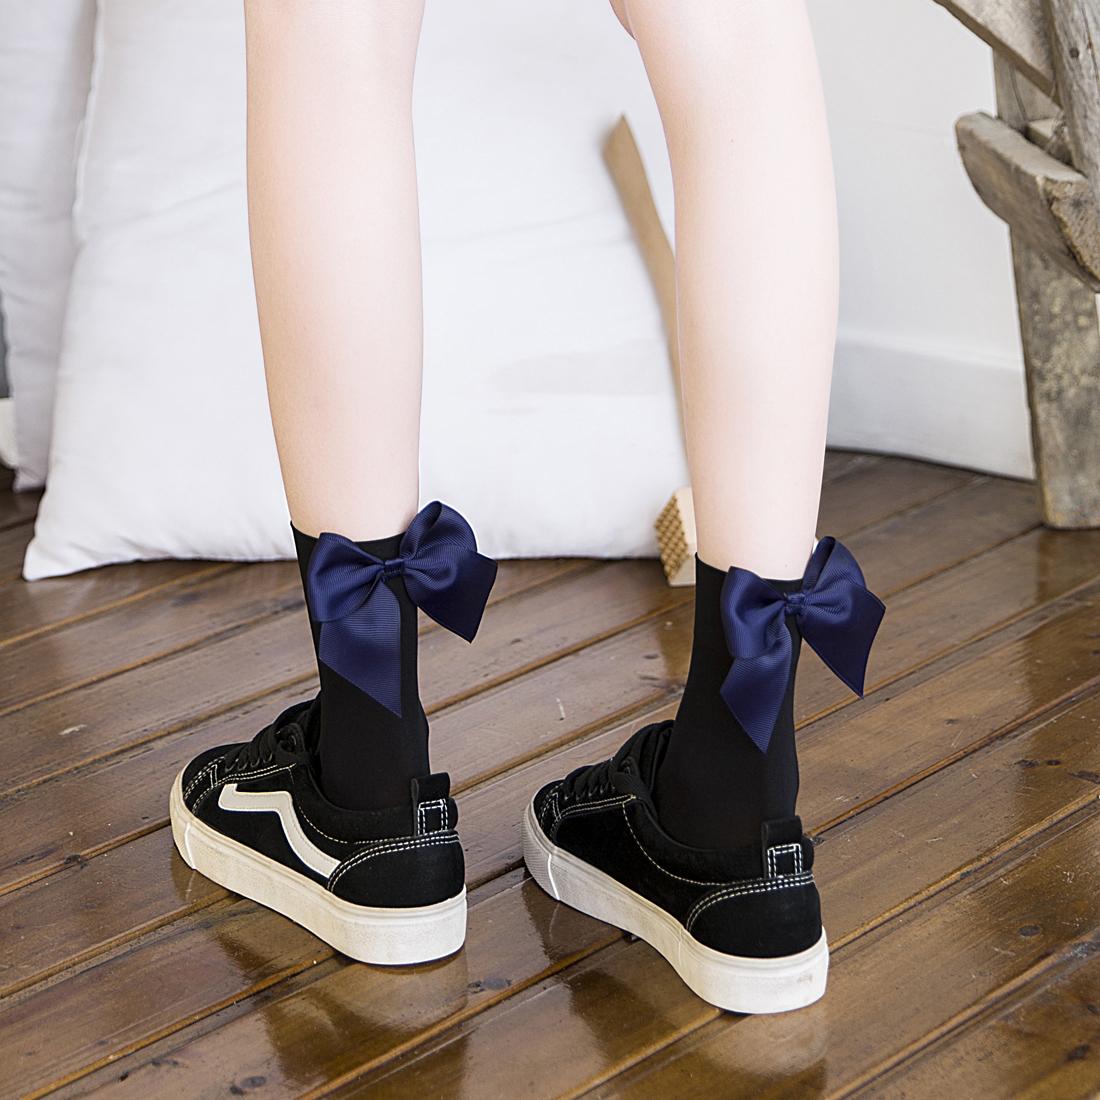 冰冰袜子女花边中筒袜夏季天鹅绒韩国日系蝴蝶结系带女袜夏天防晒